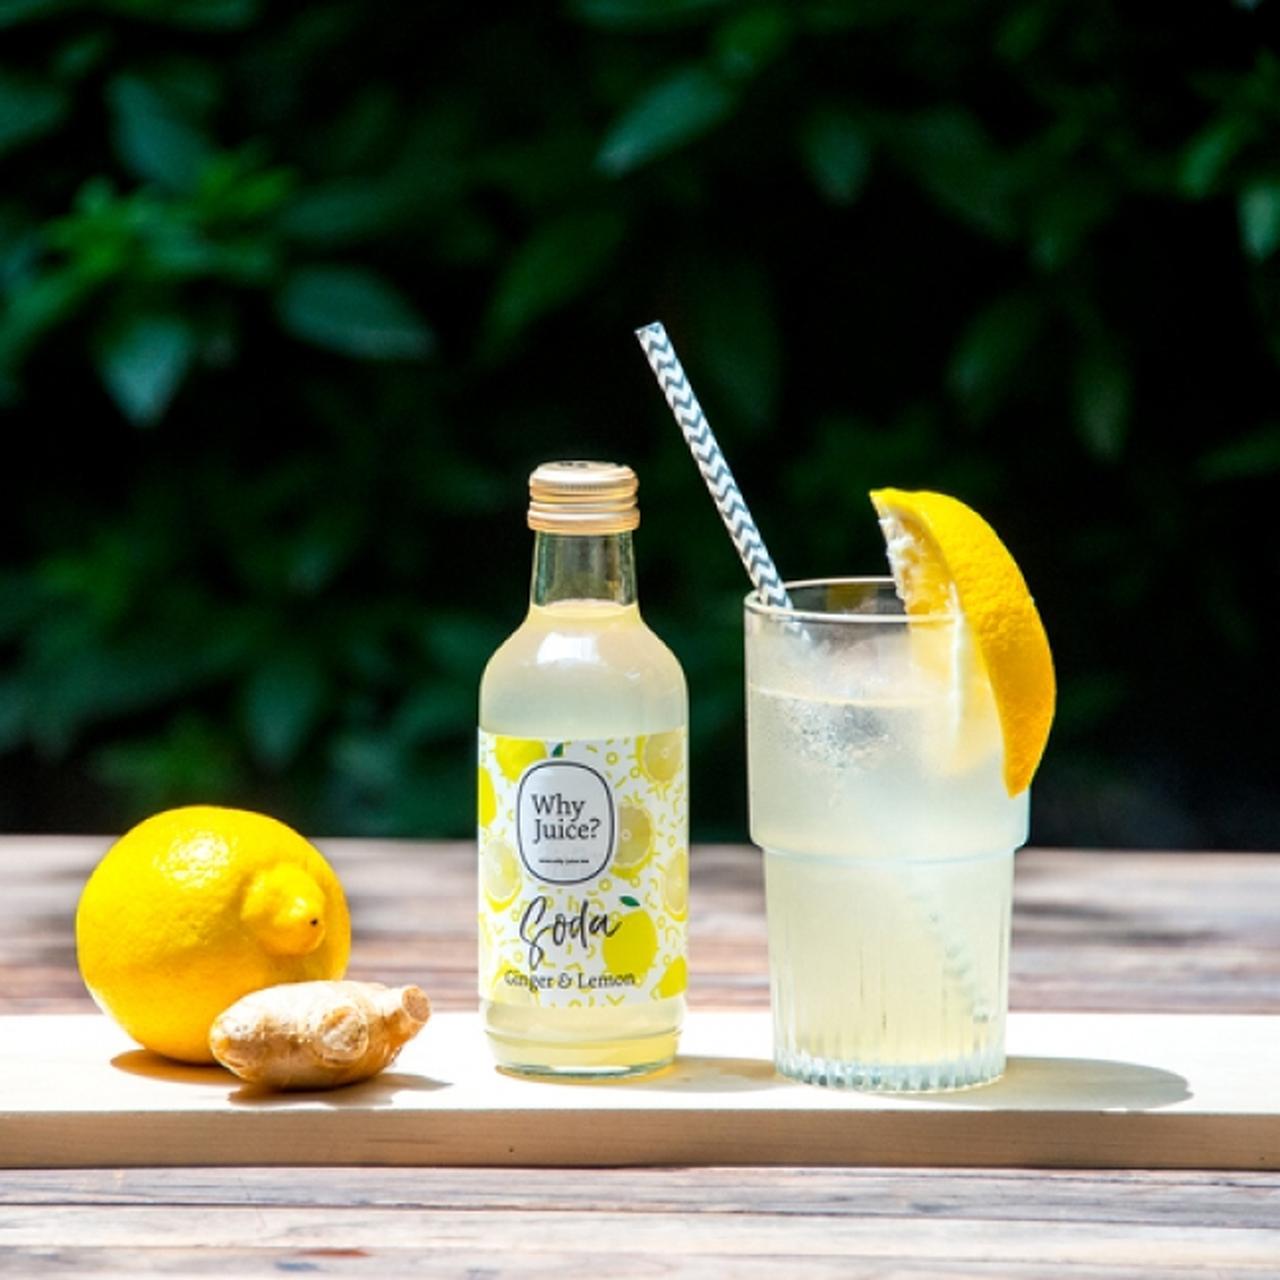 画像1: 昨夏に発売し大好評だった夏限定「ジンジャーレモンソーダ」がパワーアップして今年も登場!